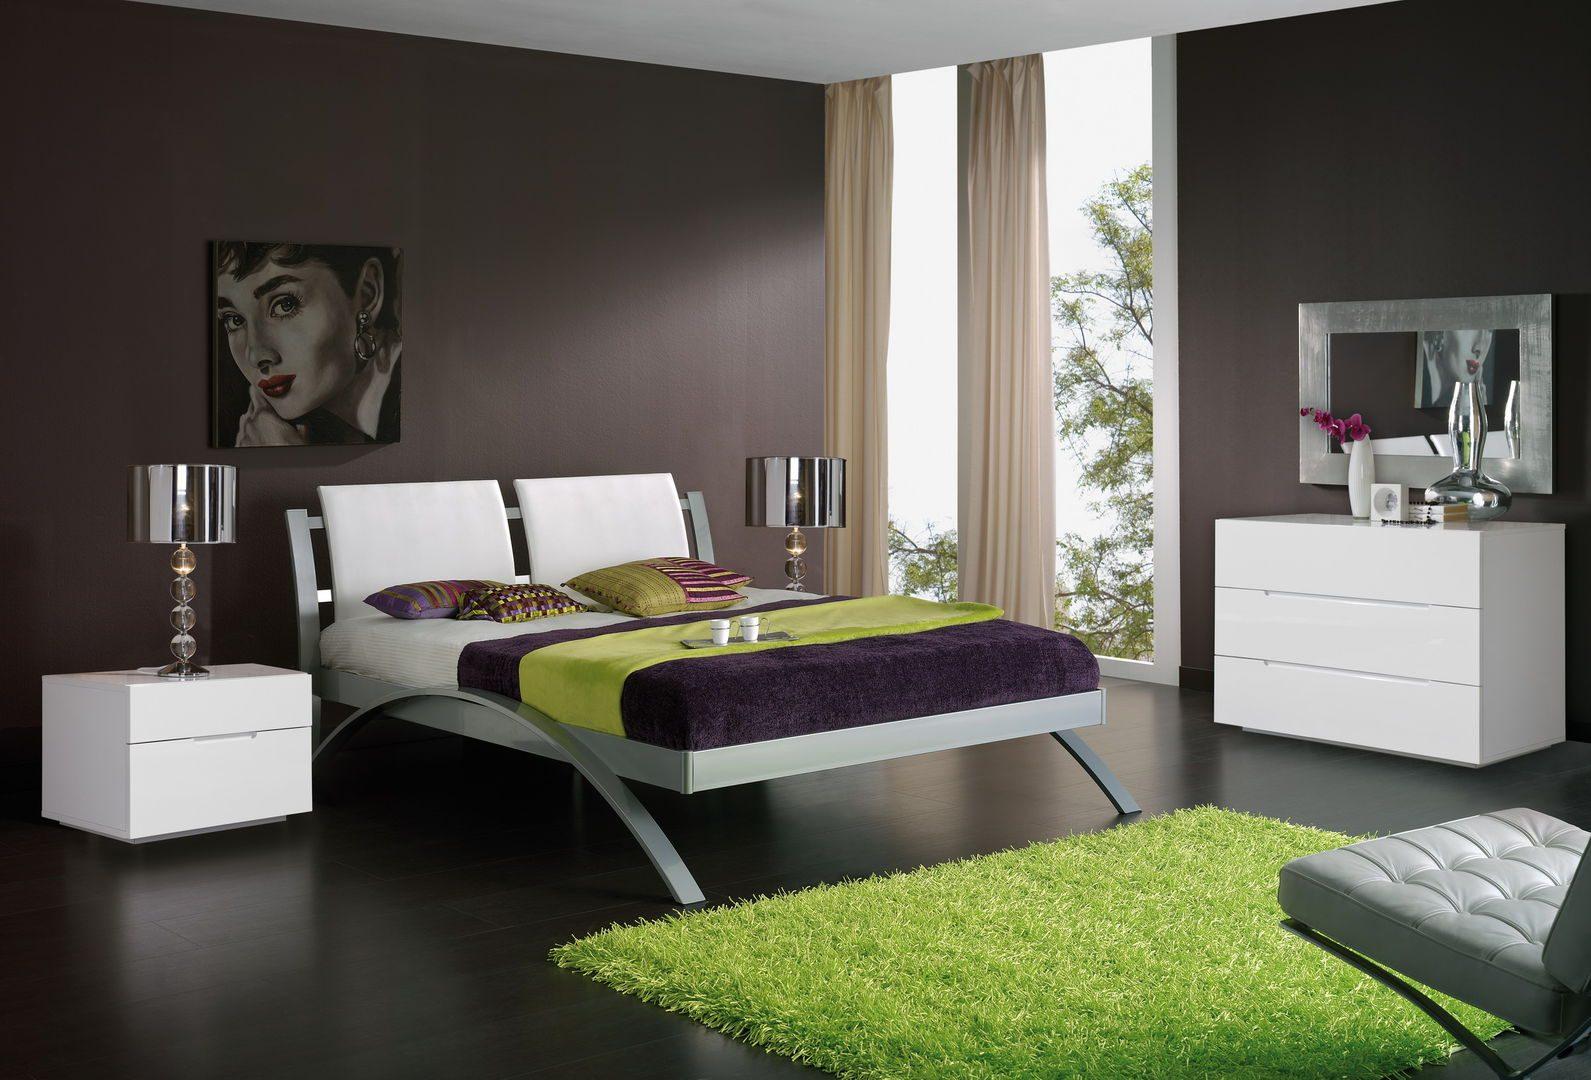 Galería de imágenes: Colores para dormitorios